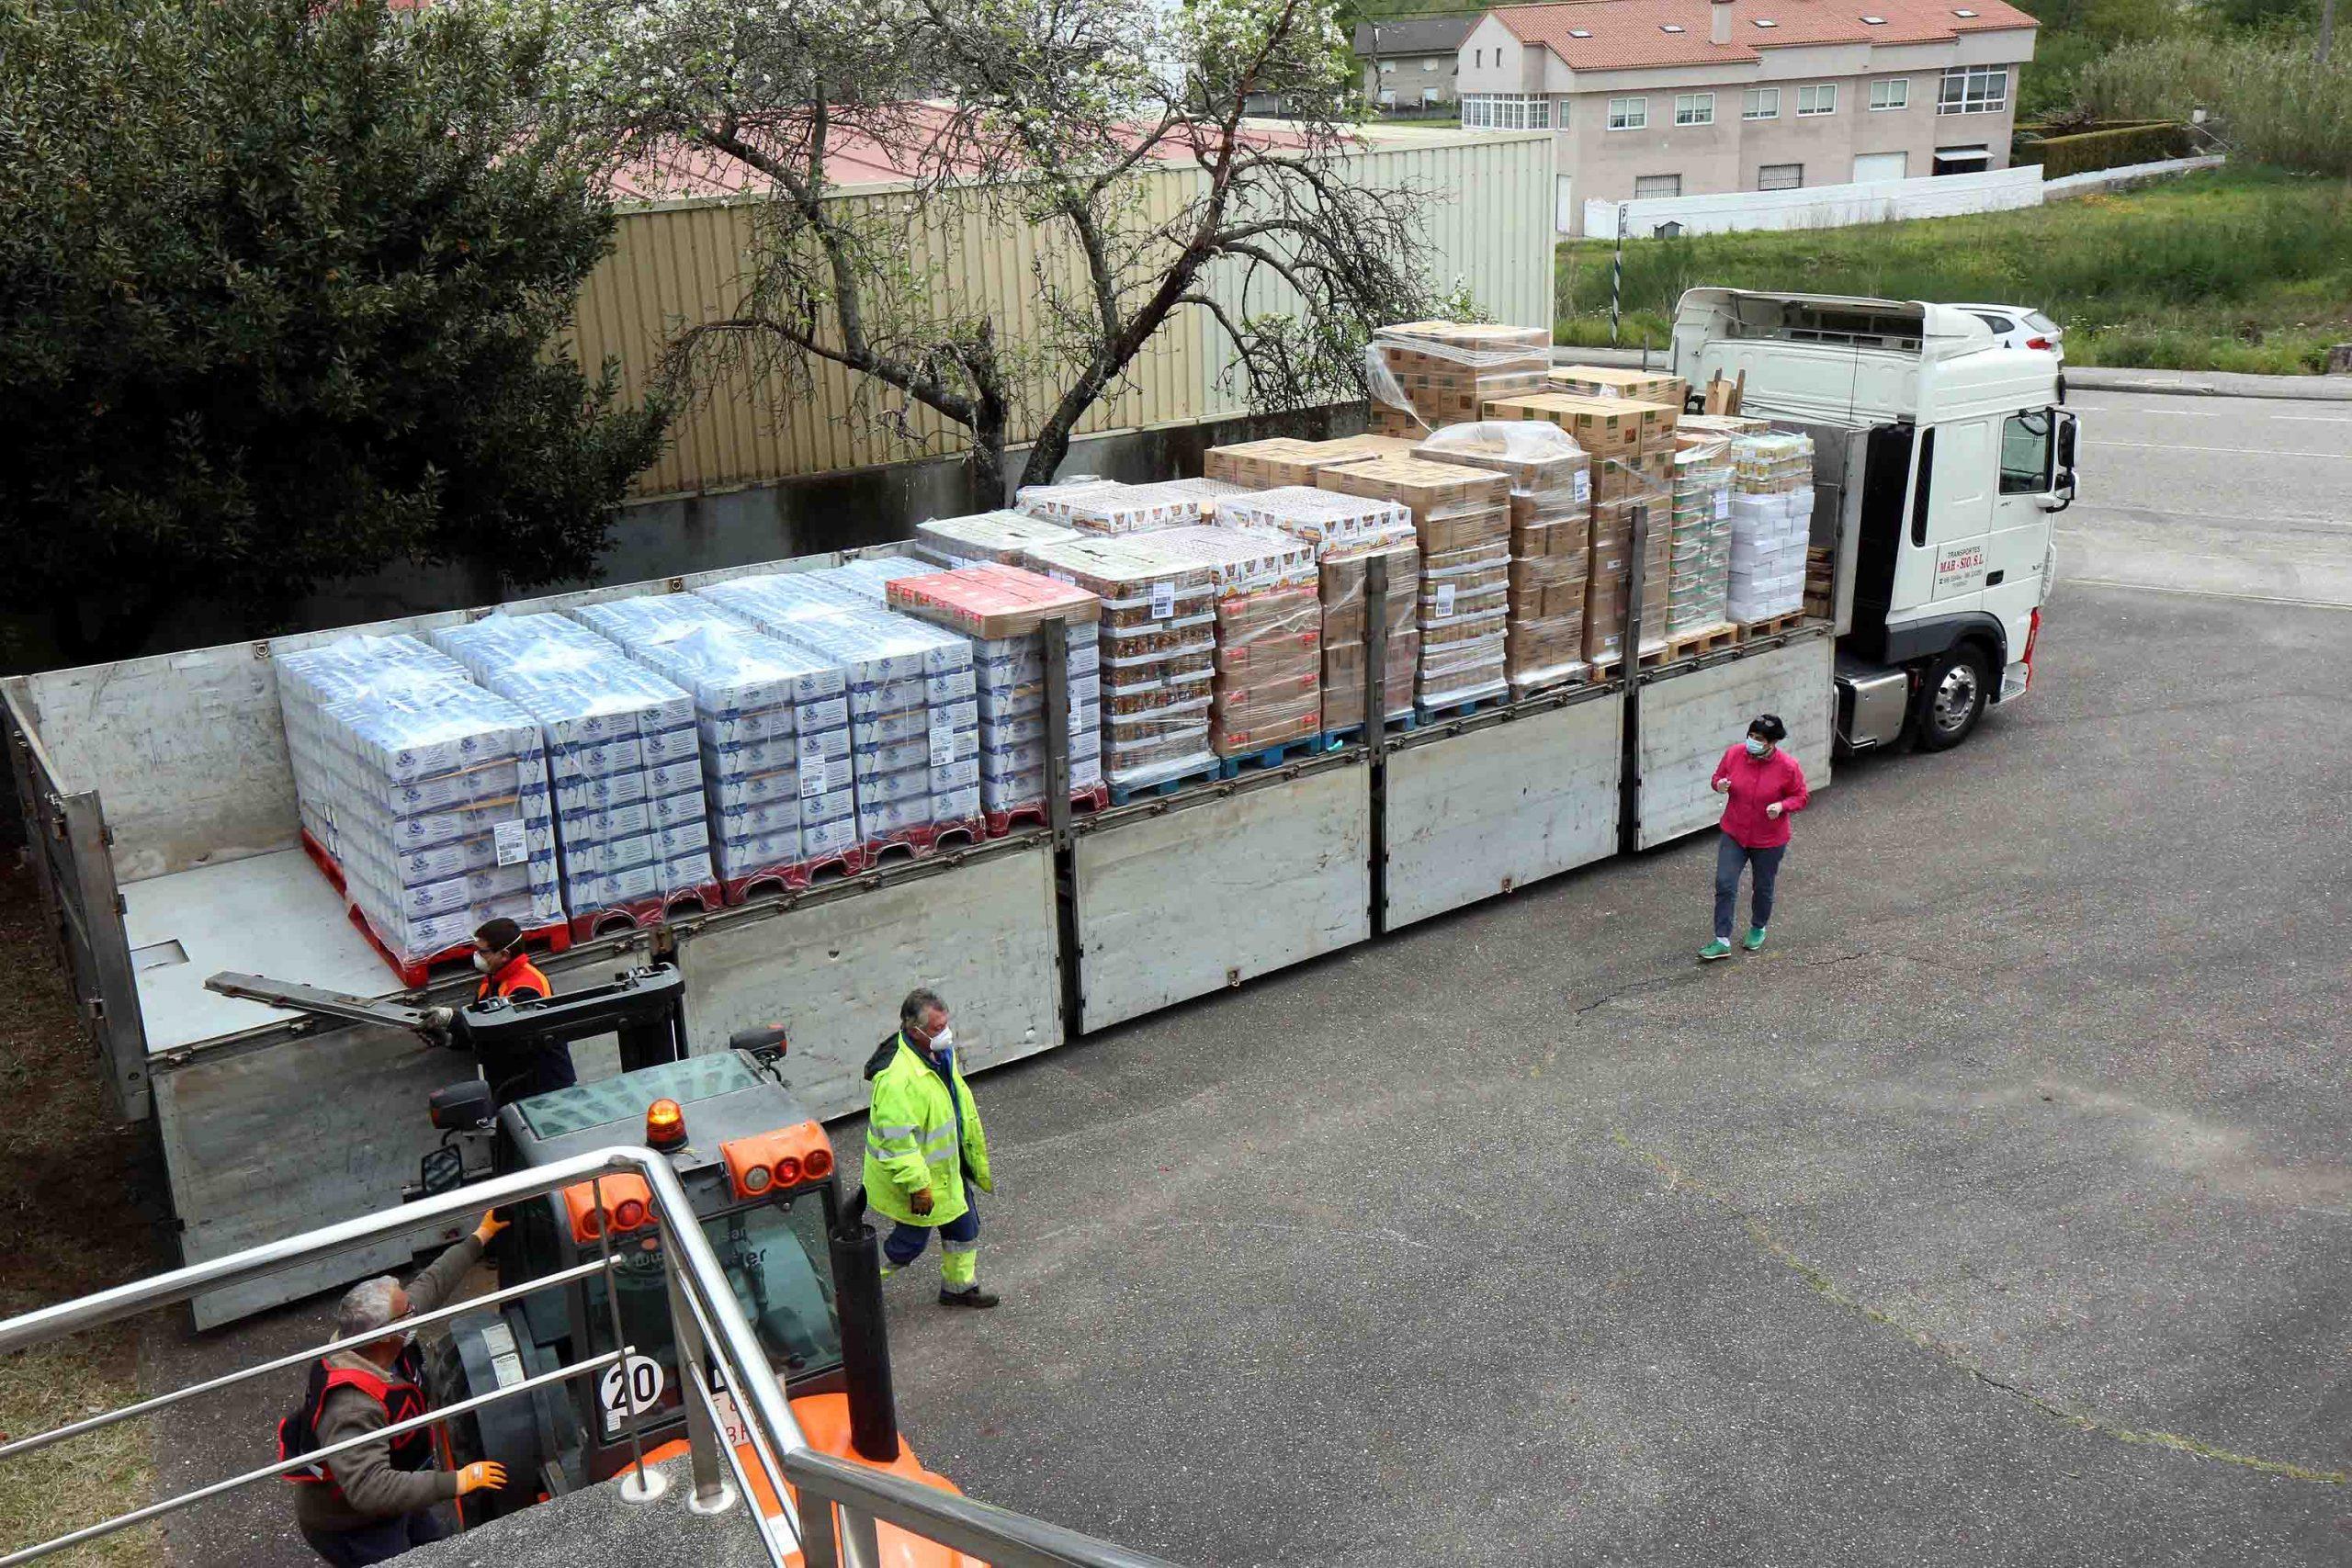 Hoxe recibironse 21 toneladas de alimentos doados por industrias do sector alimentario e pola Cruz Vermella para abastecer ás familias máis necesitadas de Porriño